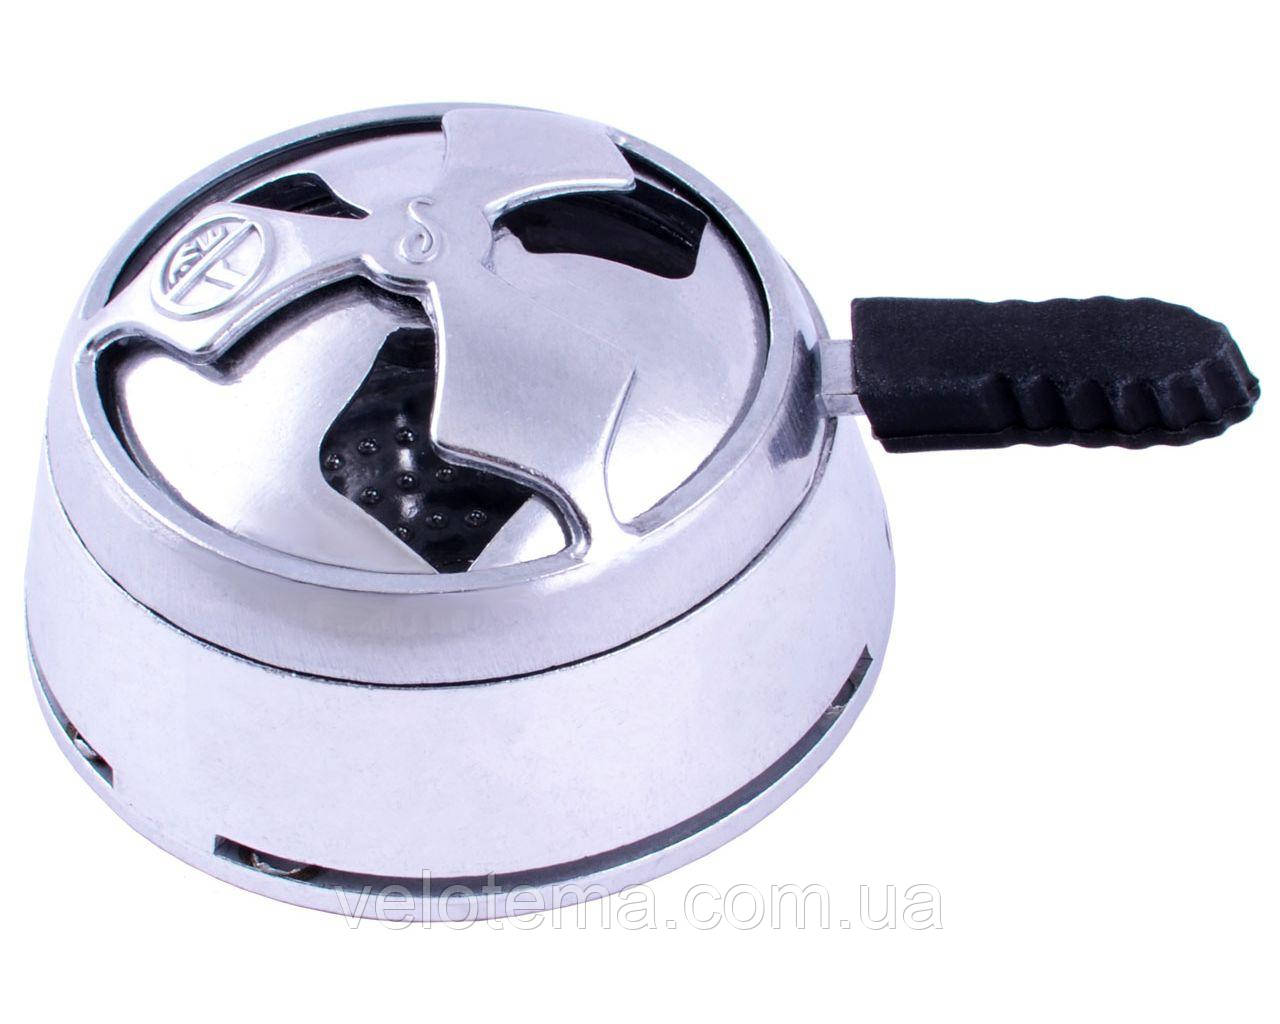 Калауд для кальяна D524-1 Silver